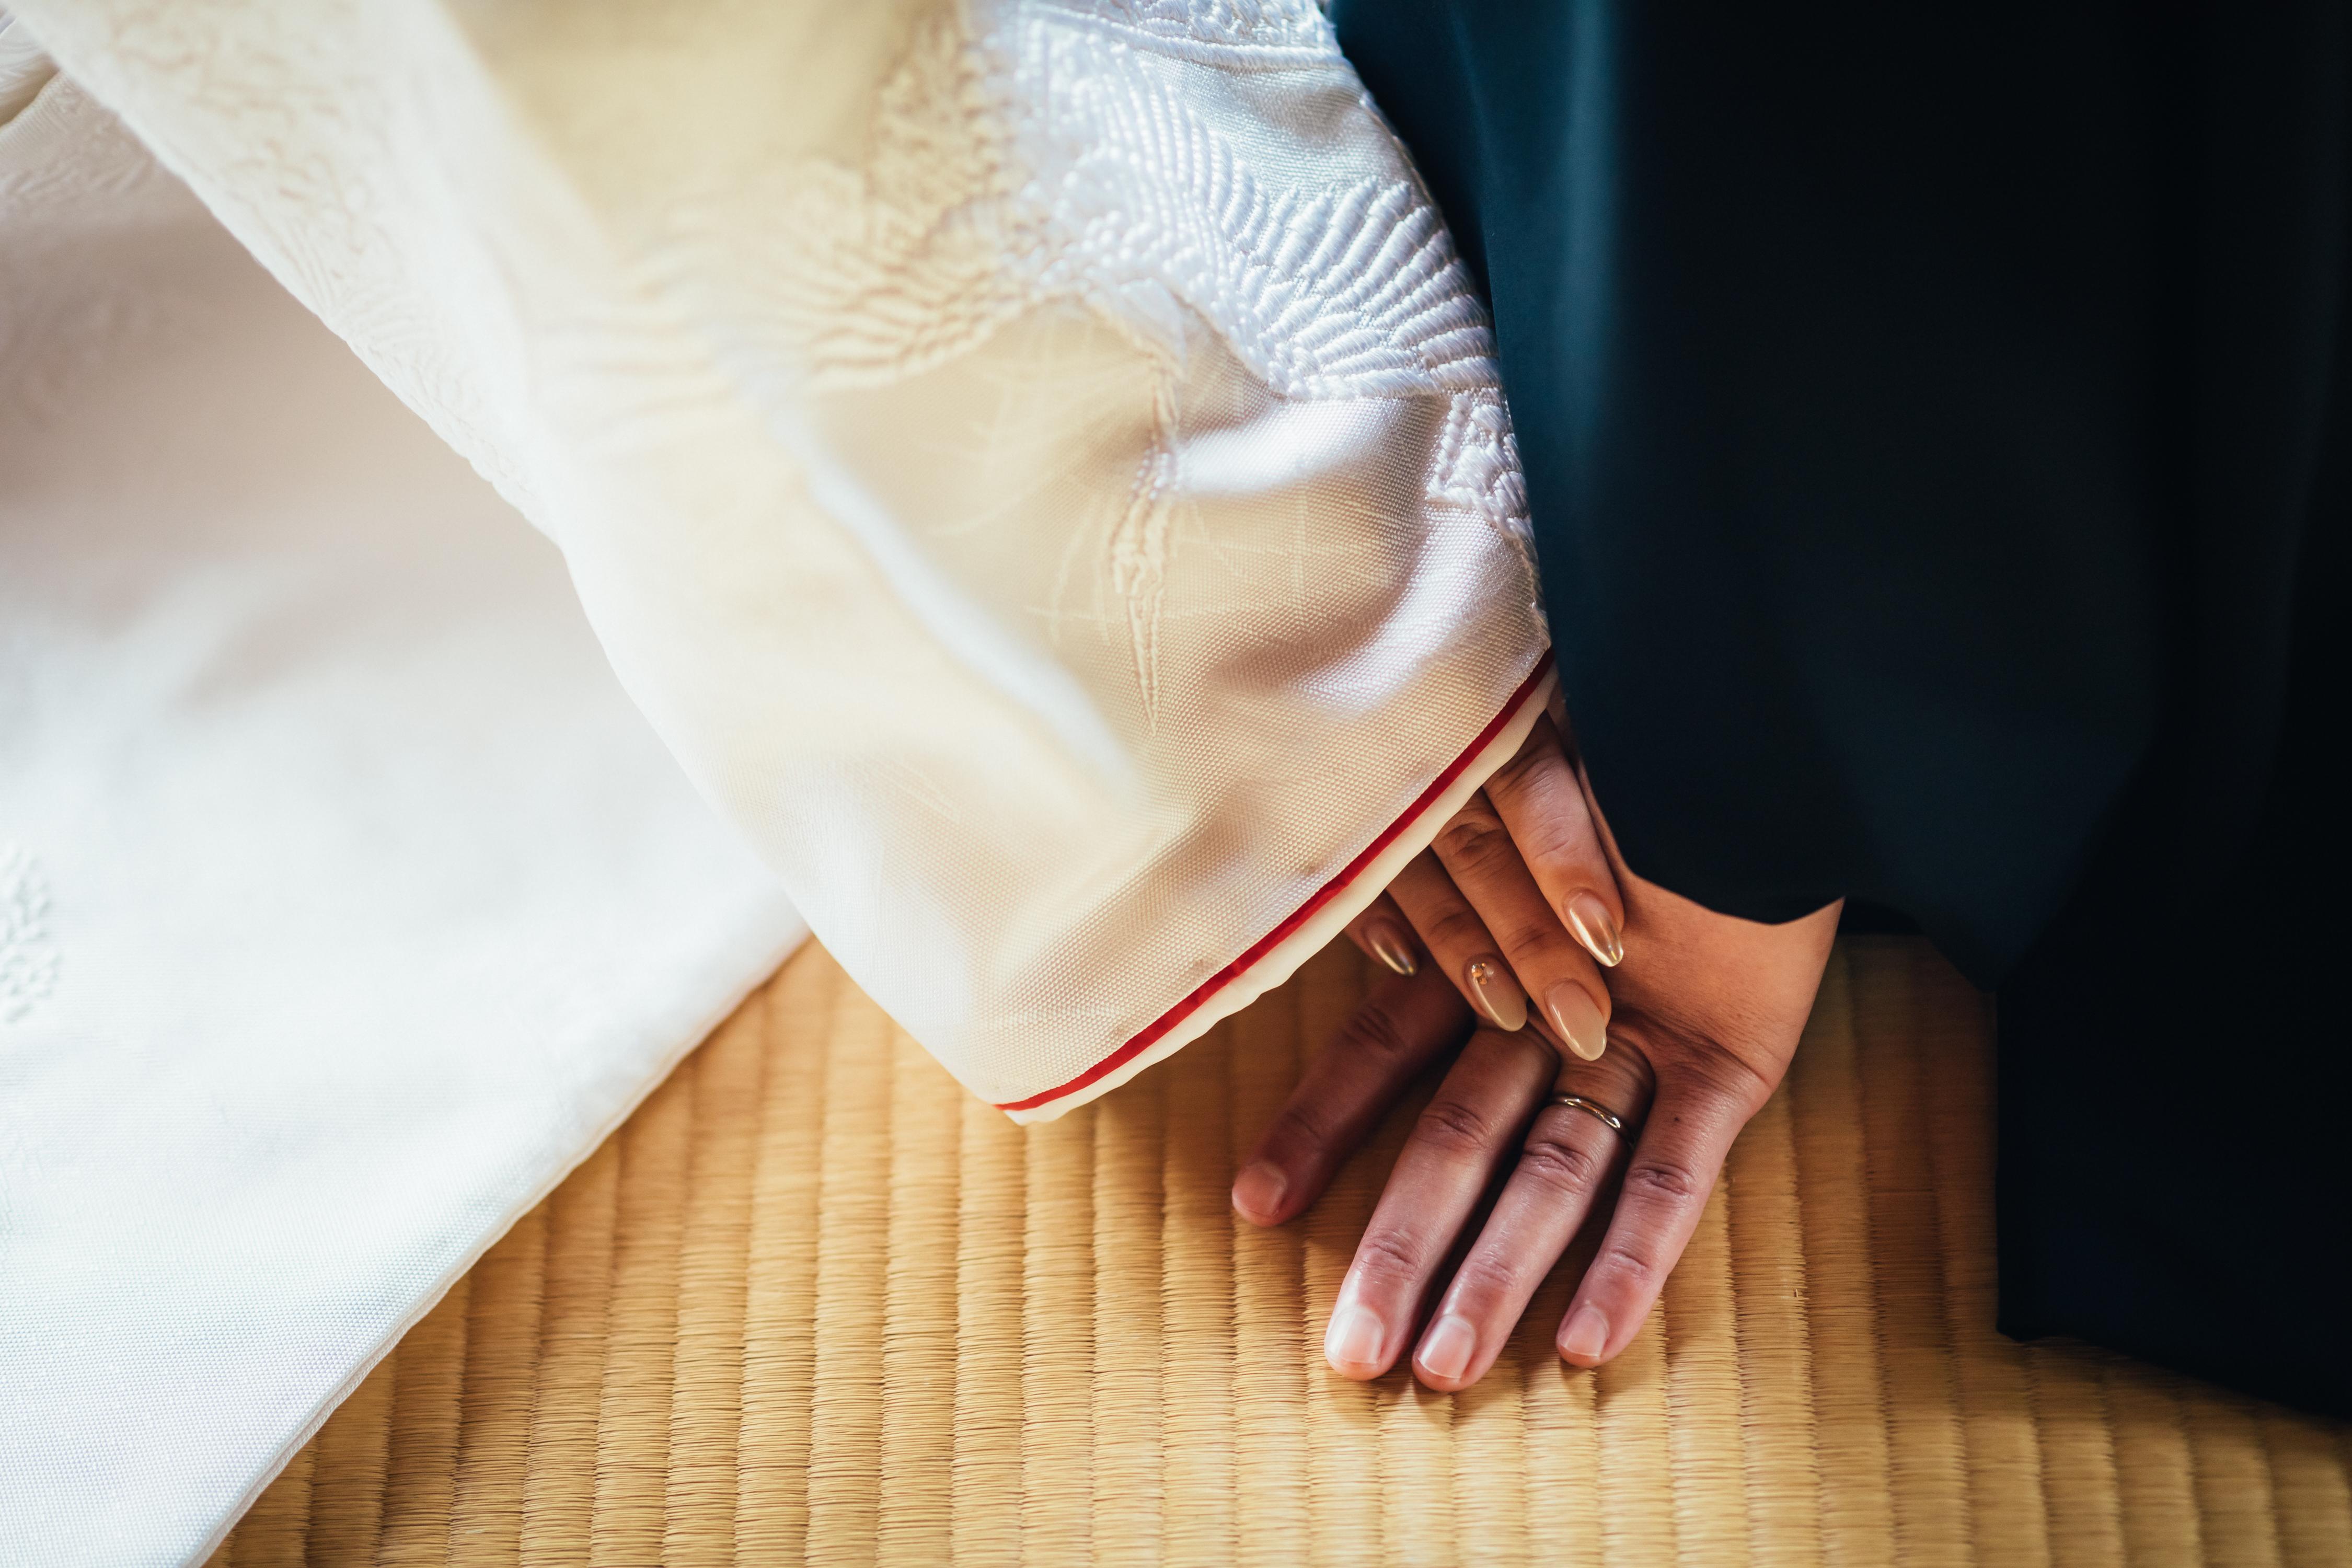 結婚 よかった 男女 メリット